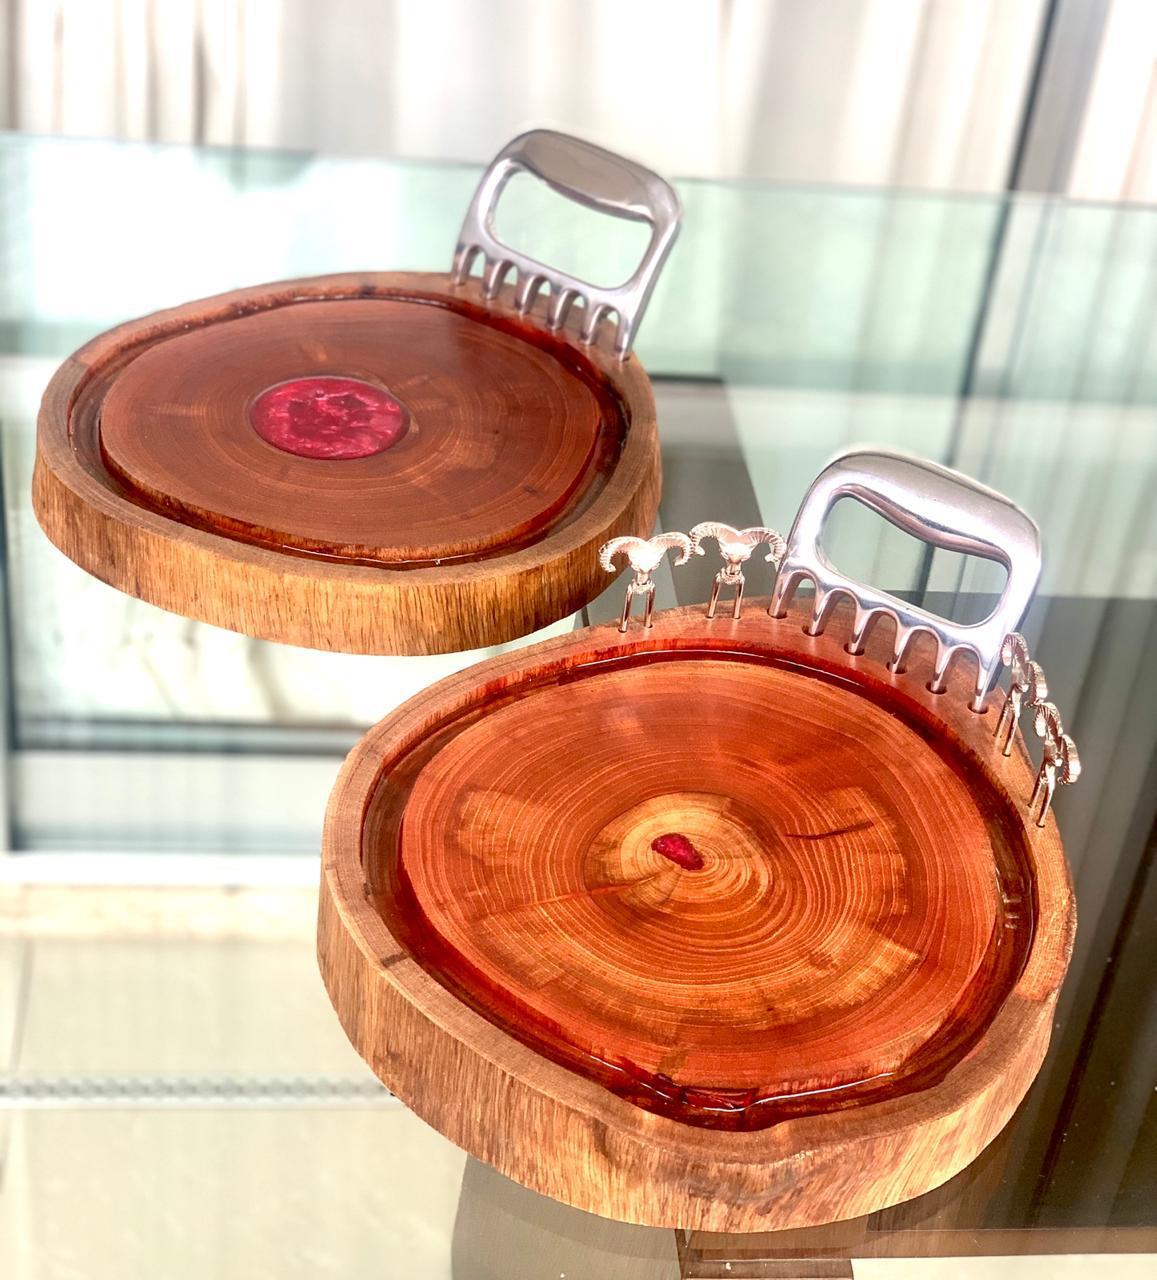 Tabua de Churrasco em madeira - Com detalhe em Resina - Acompanha pata de urso.